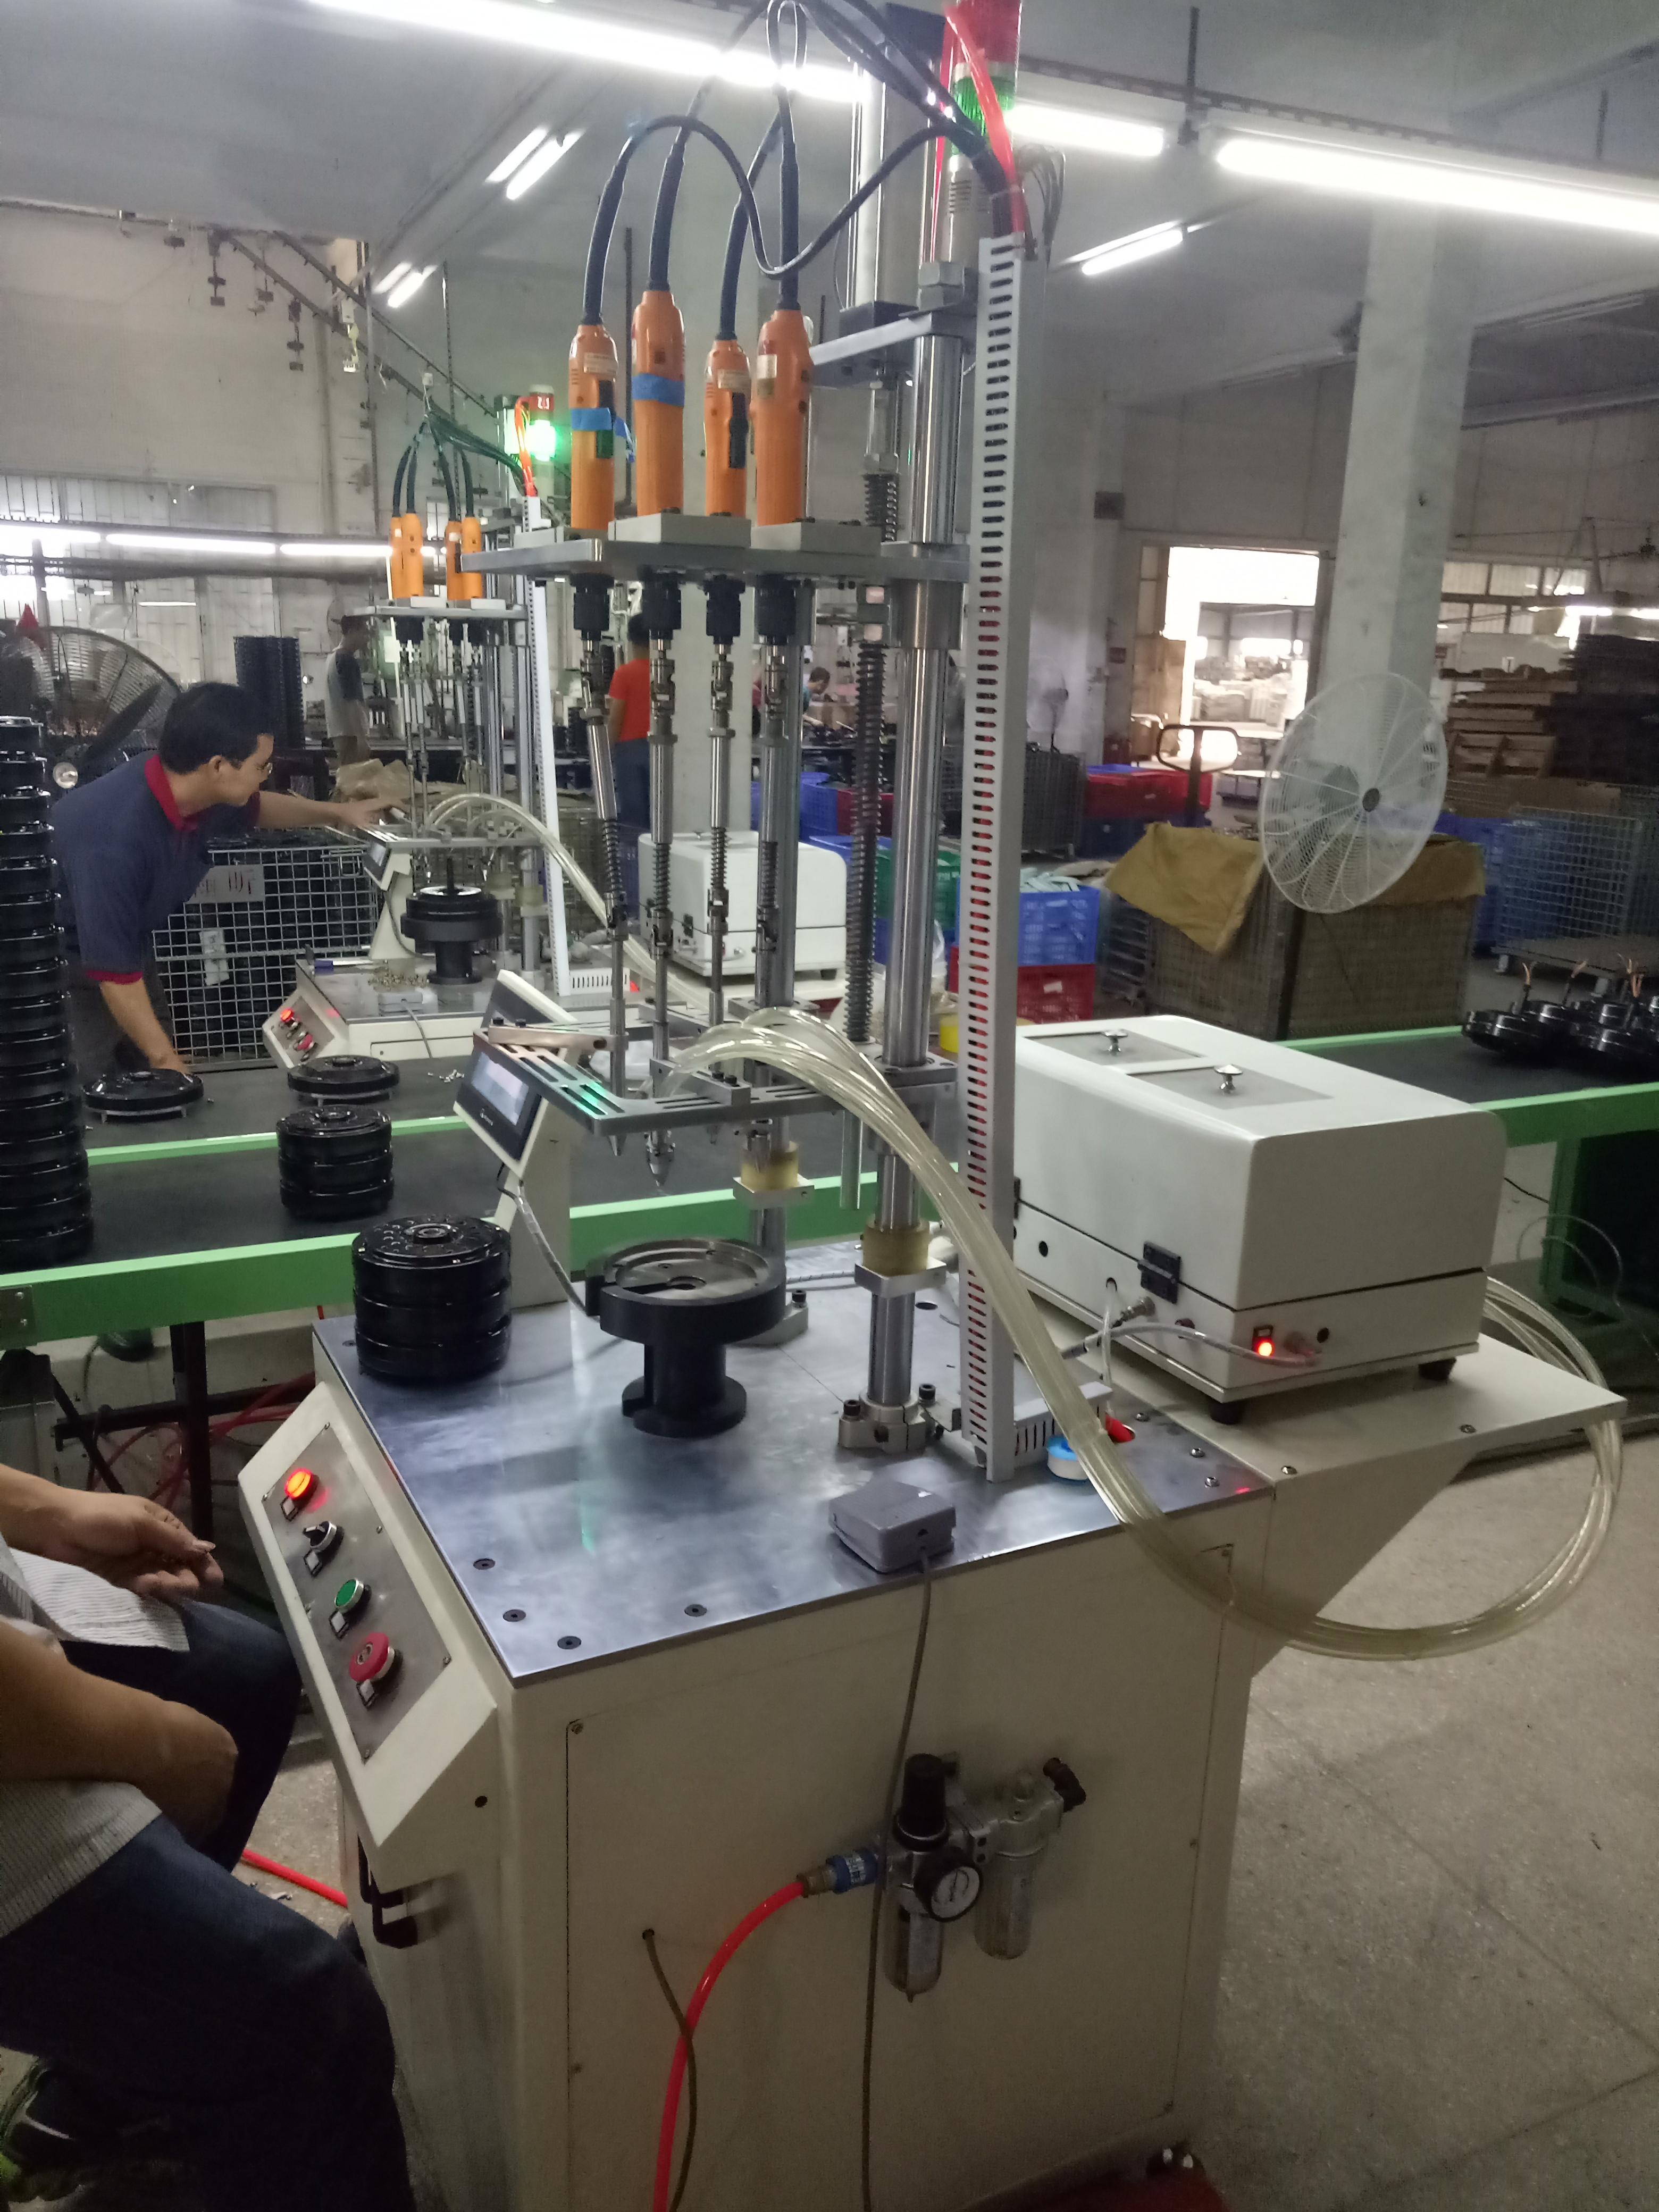 广东自动锁螺丝机厂家直销 自动锁螺丝机报价 自动锁螺丝机批发